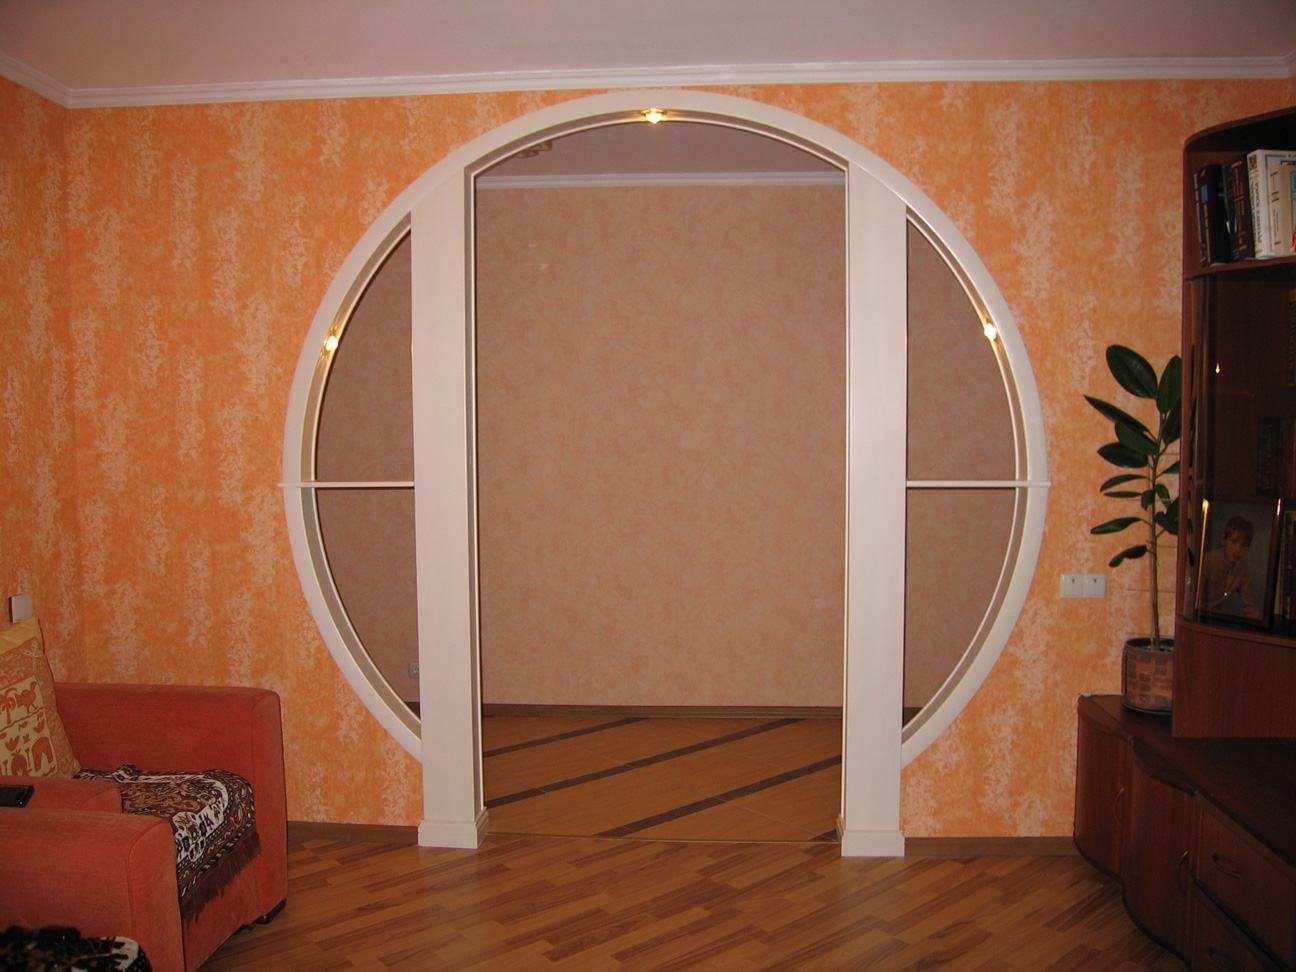 Оформление дверного проема без двери: как красиво оформить межкомнатный проход, фото примеров